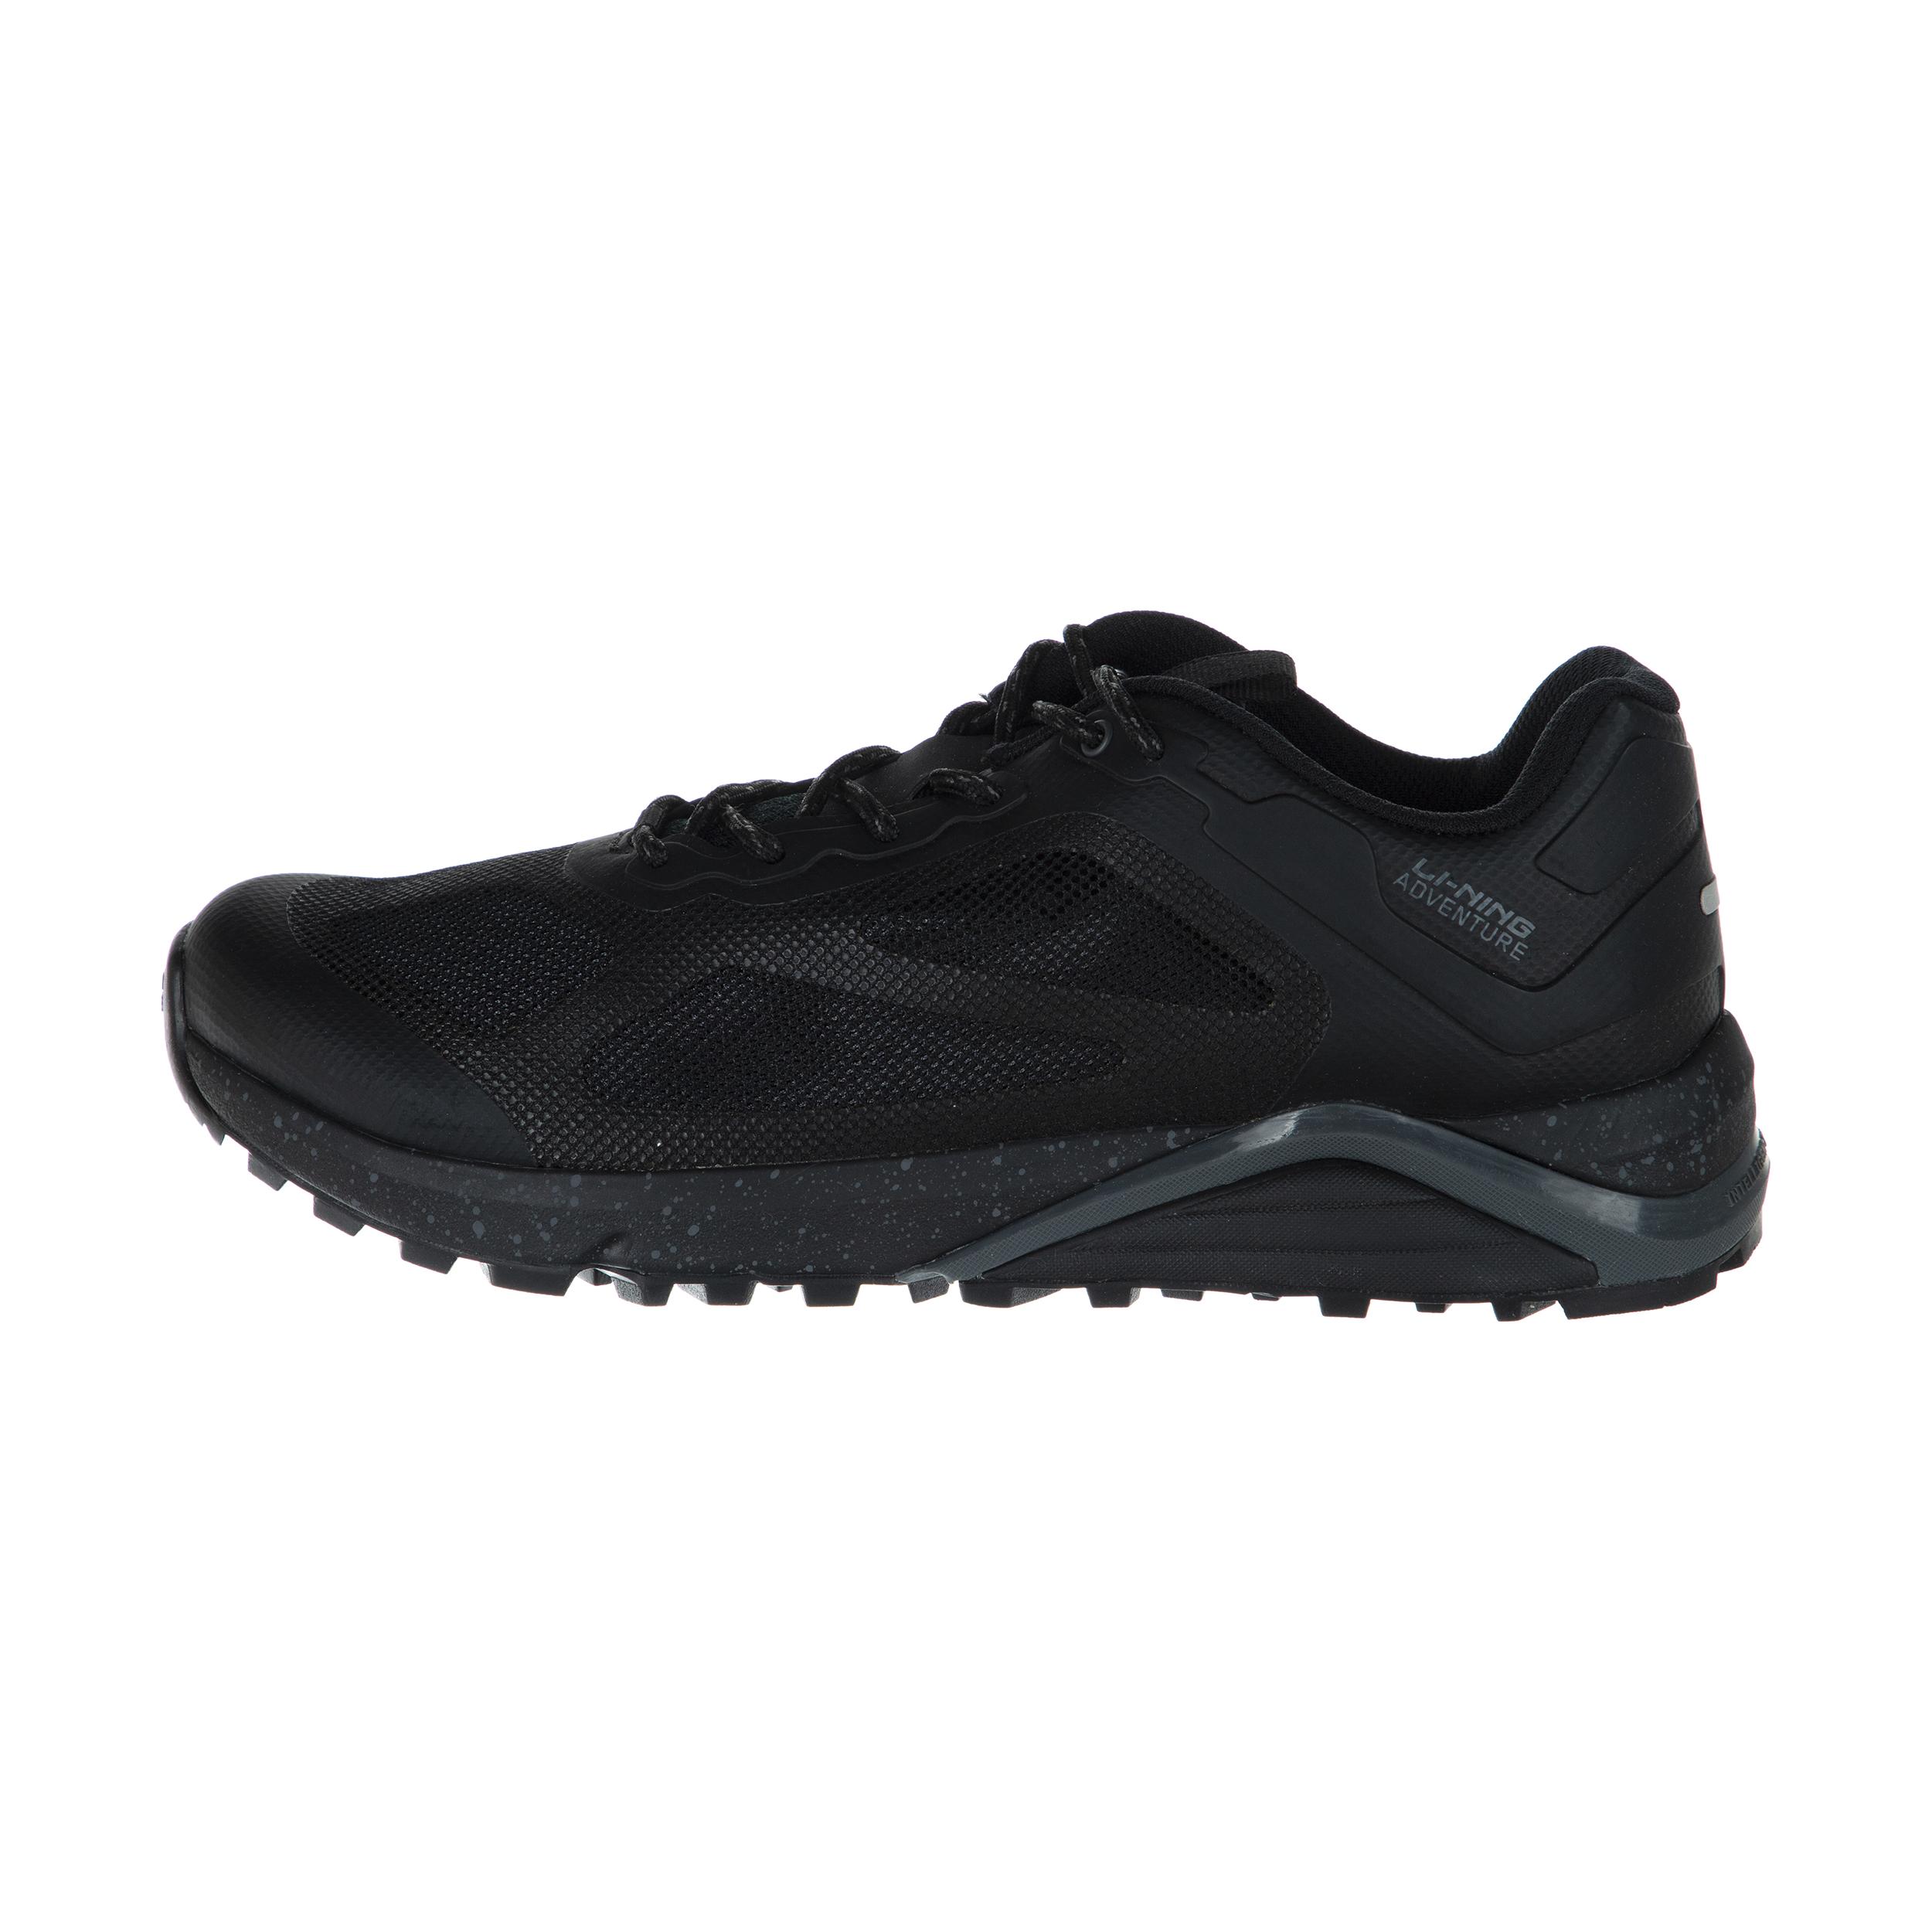 کفش مخصوص دویدن مردانه لینینگ مدل ARDM007-3